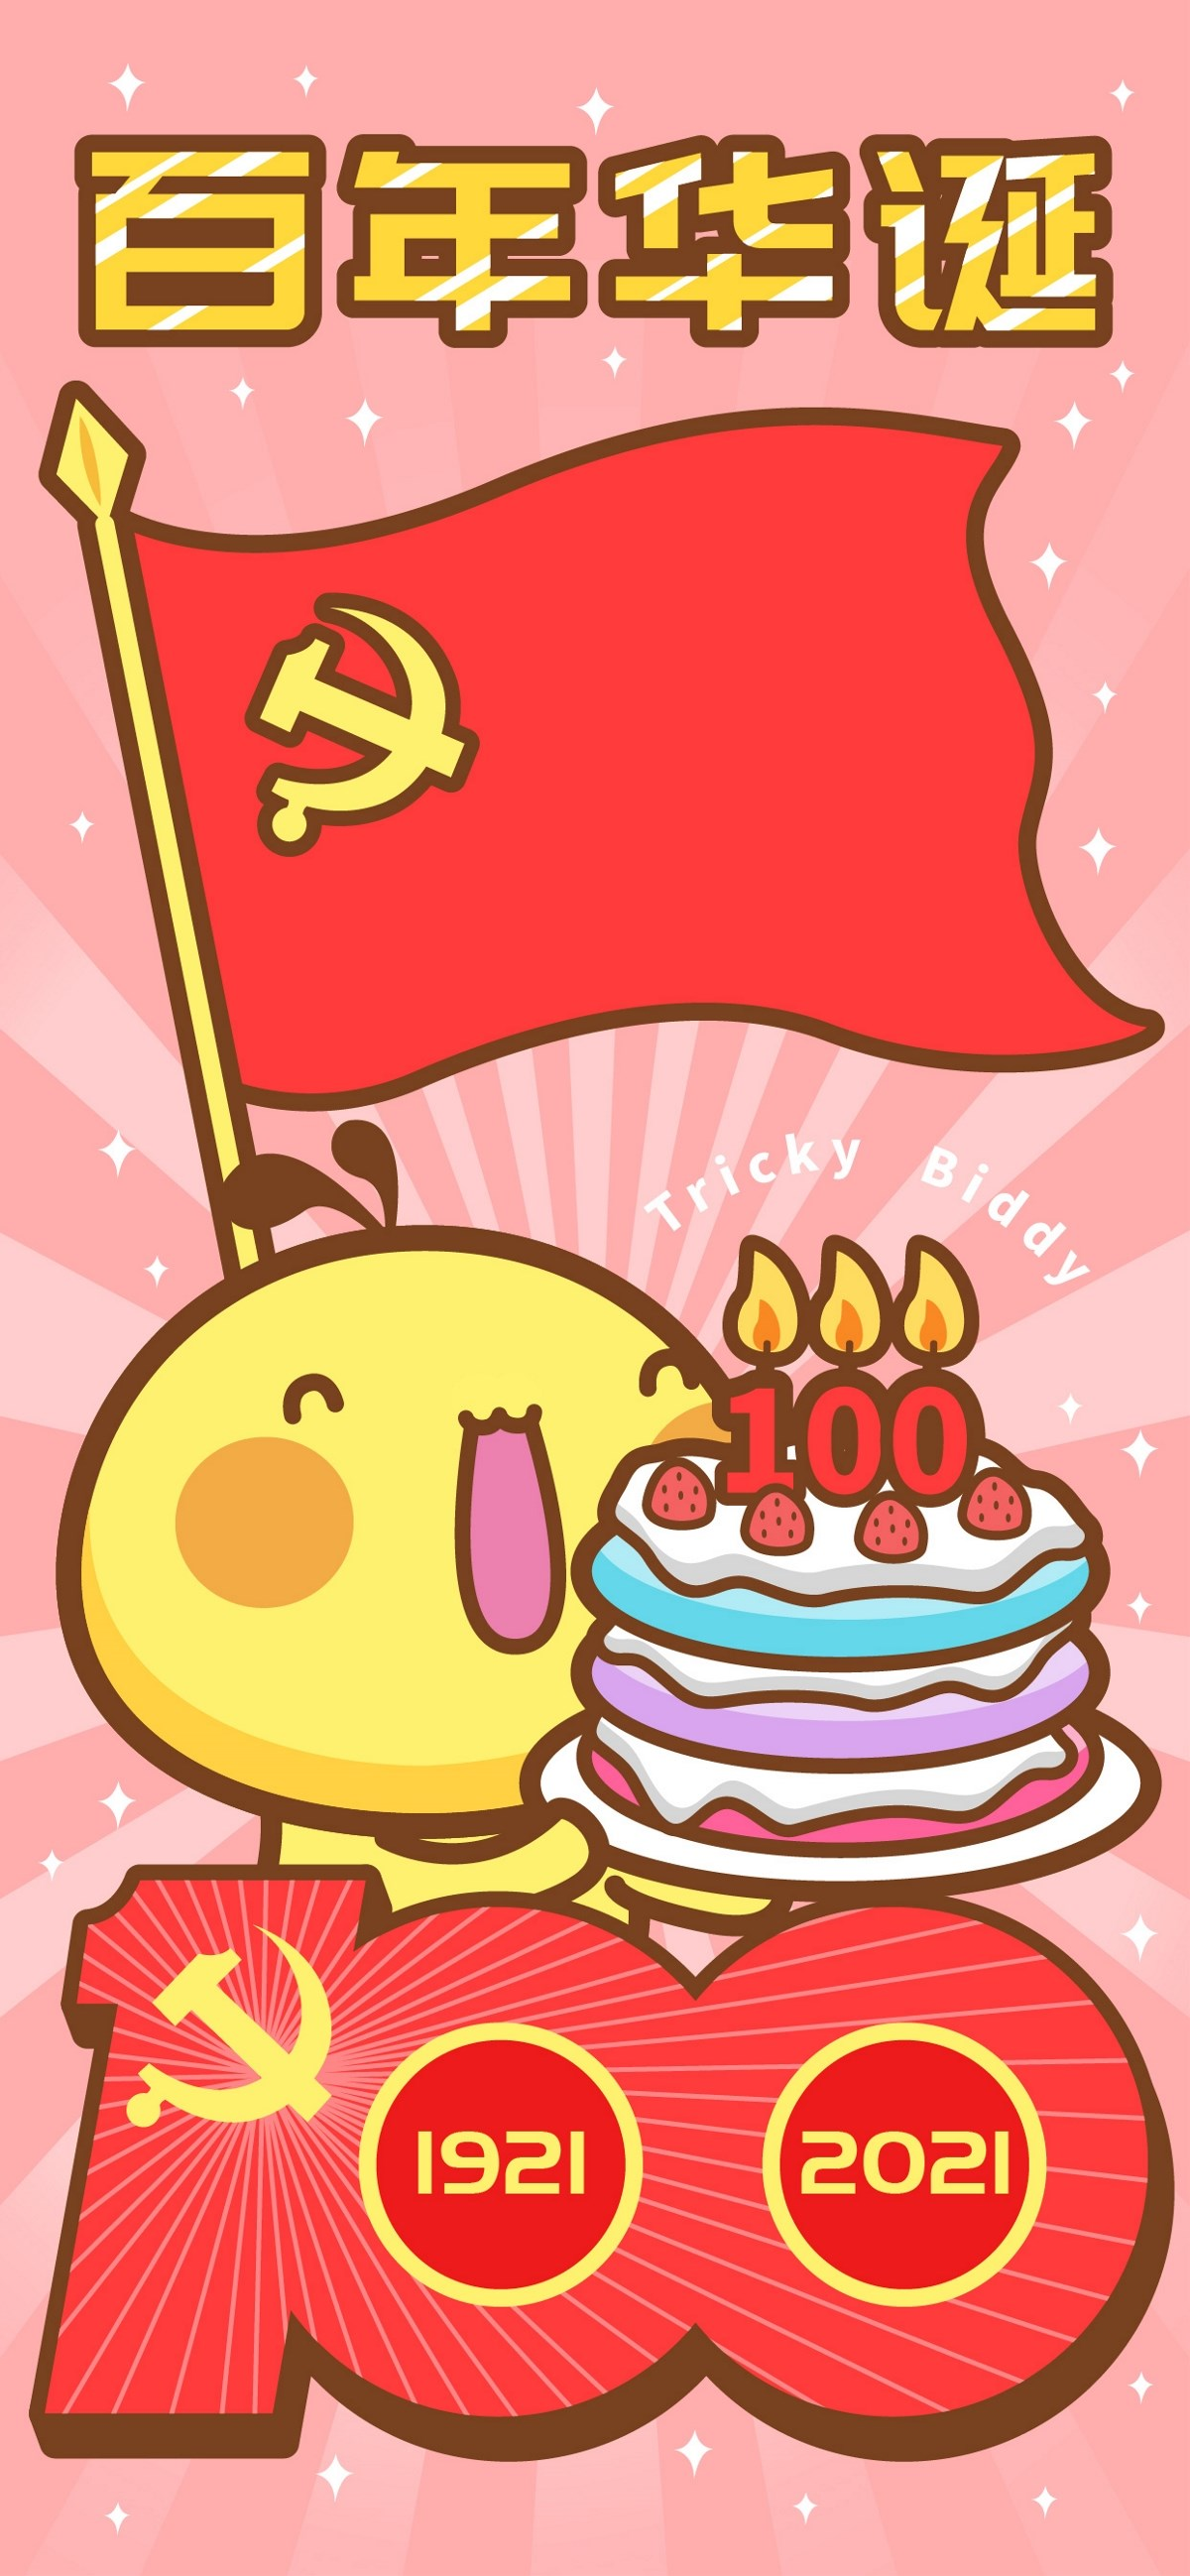 百年华诞!党生日快乐!